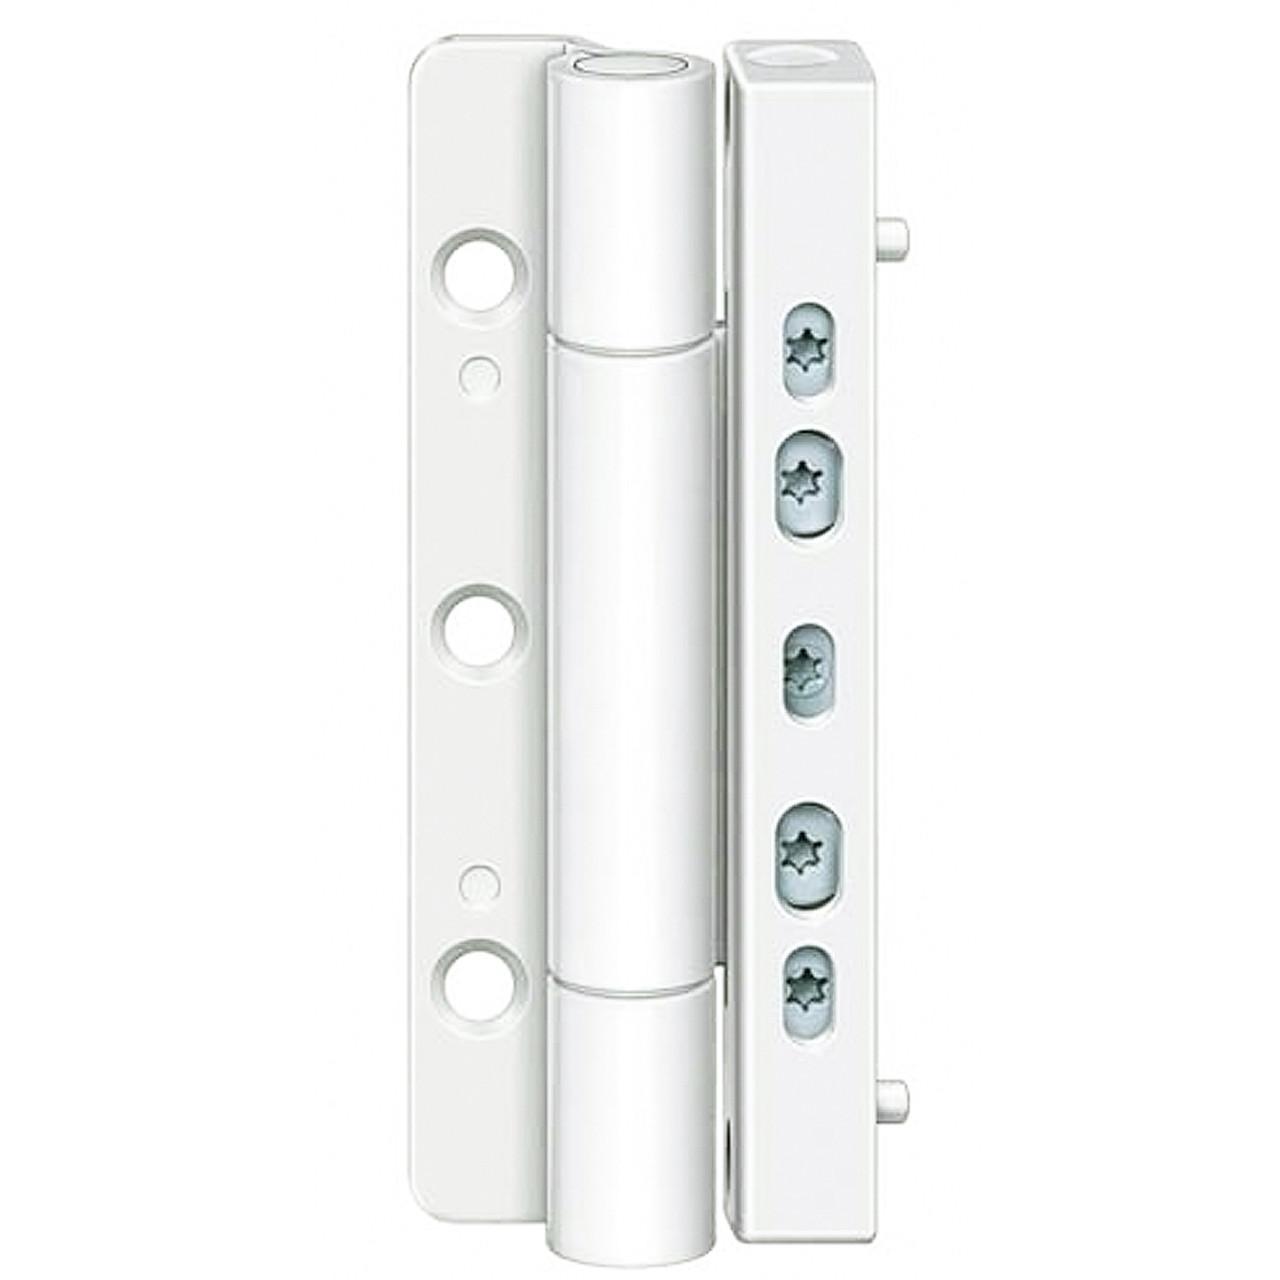 Петля дверная Simonswerk Siku RB 5015 3D белая (Германия)